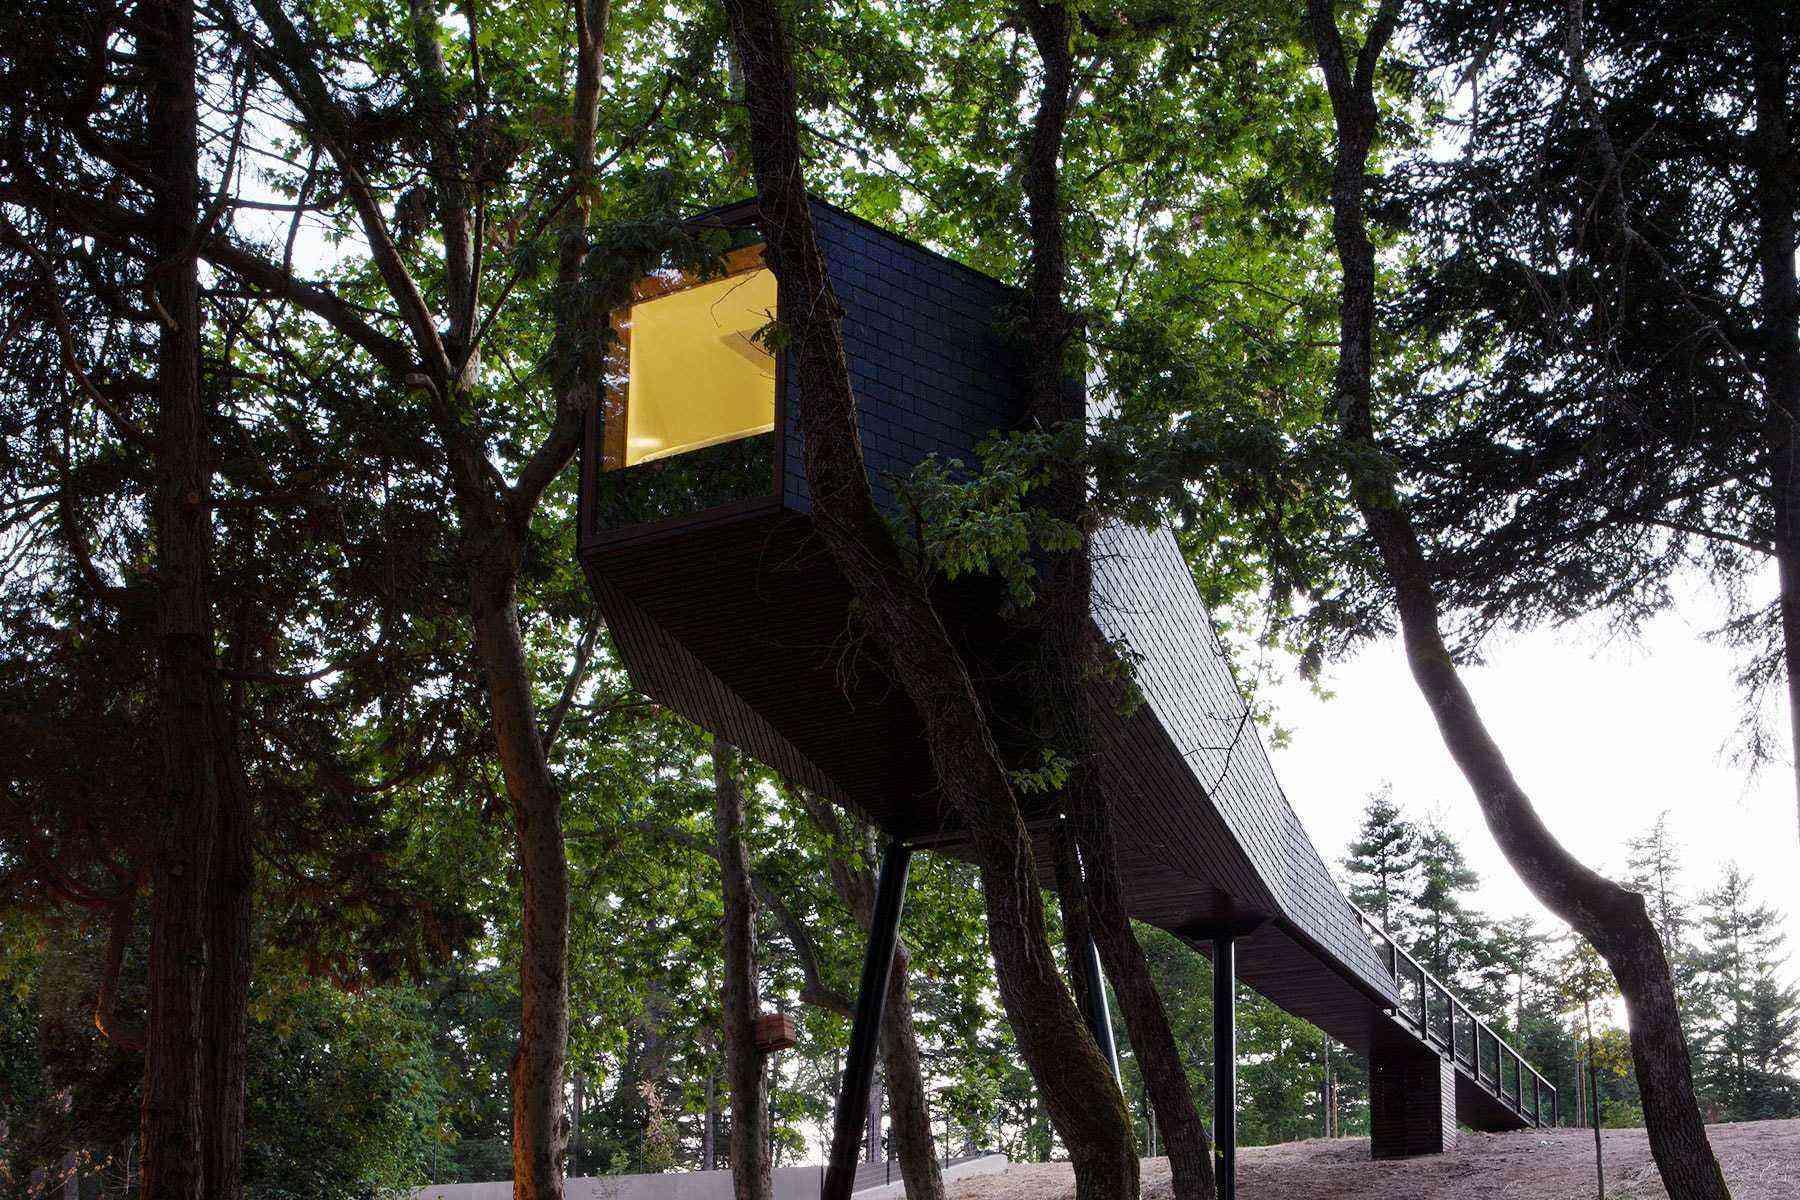 Unusual-Treehouses-Pedras-Salgadas-Spa-Nature-Park-1